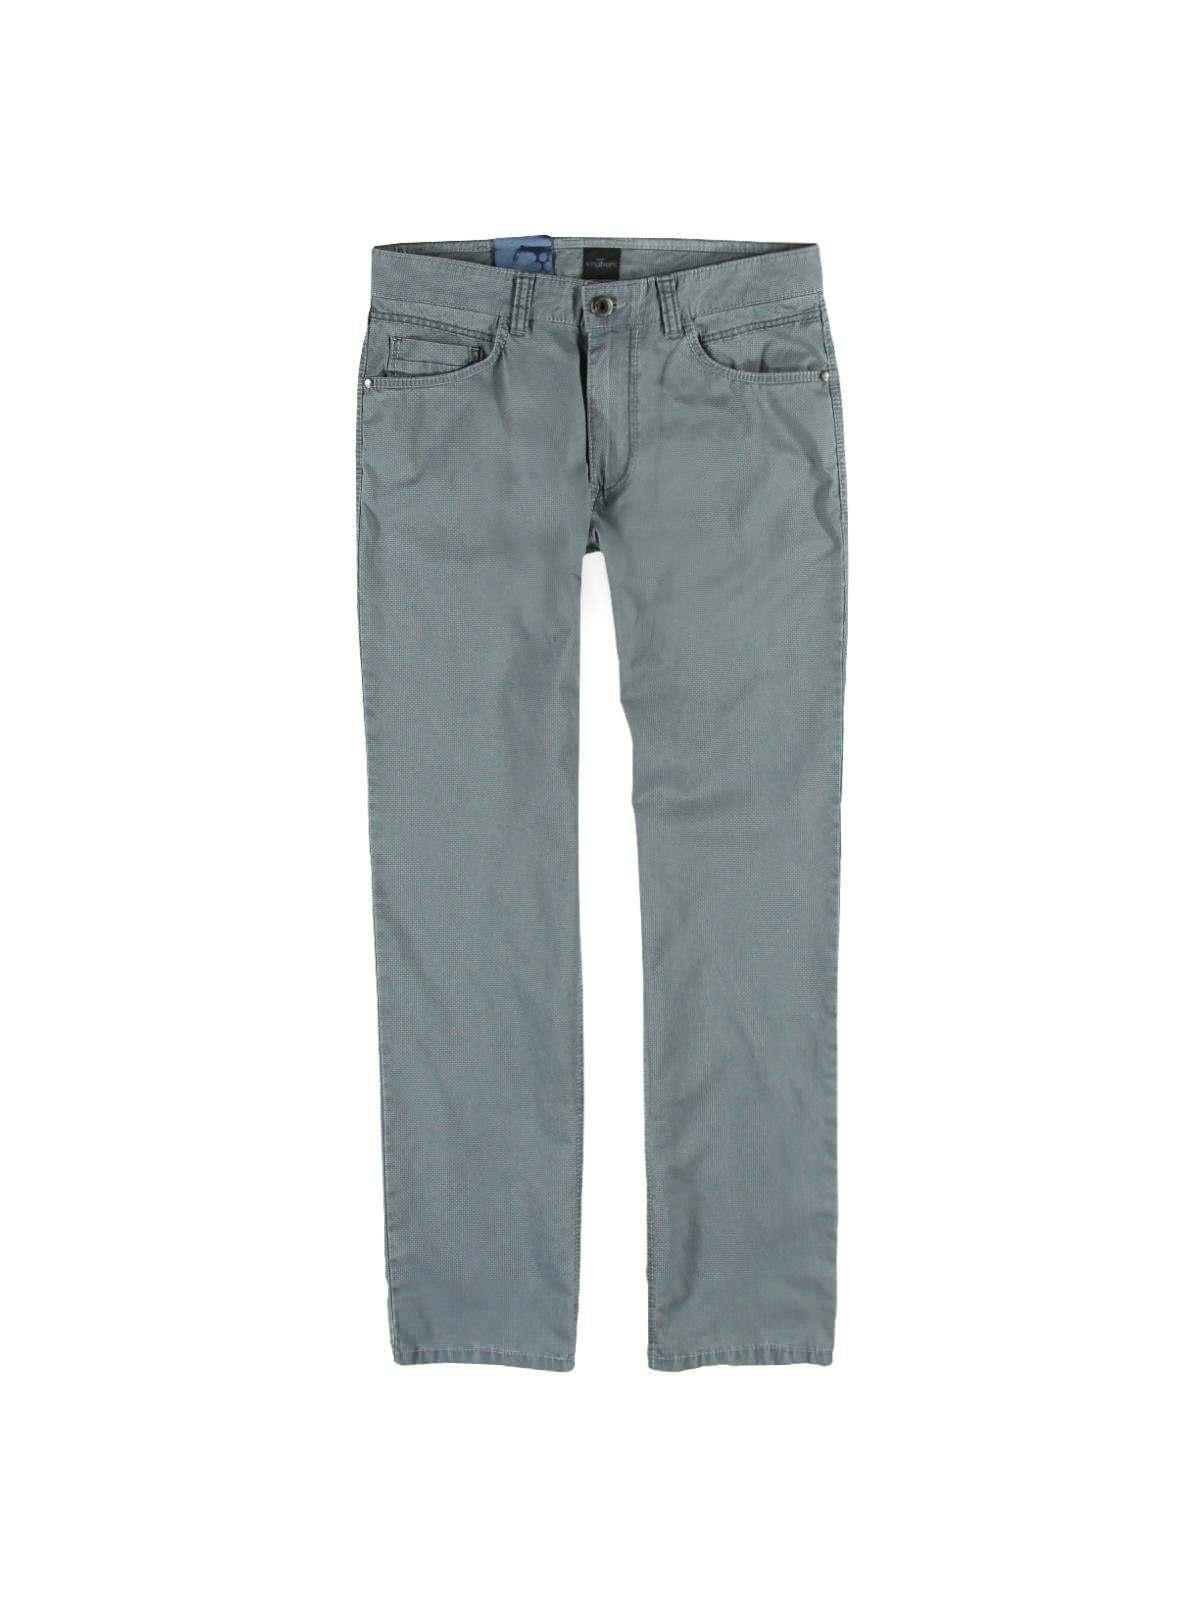 Junge Verkaufsförderung begrenzter Verkauf engbers Sonstige Hosen für Herren online kaufen | Herrenmode ...